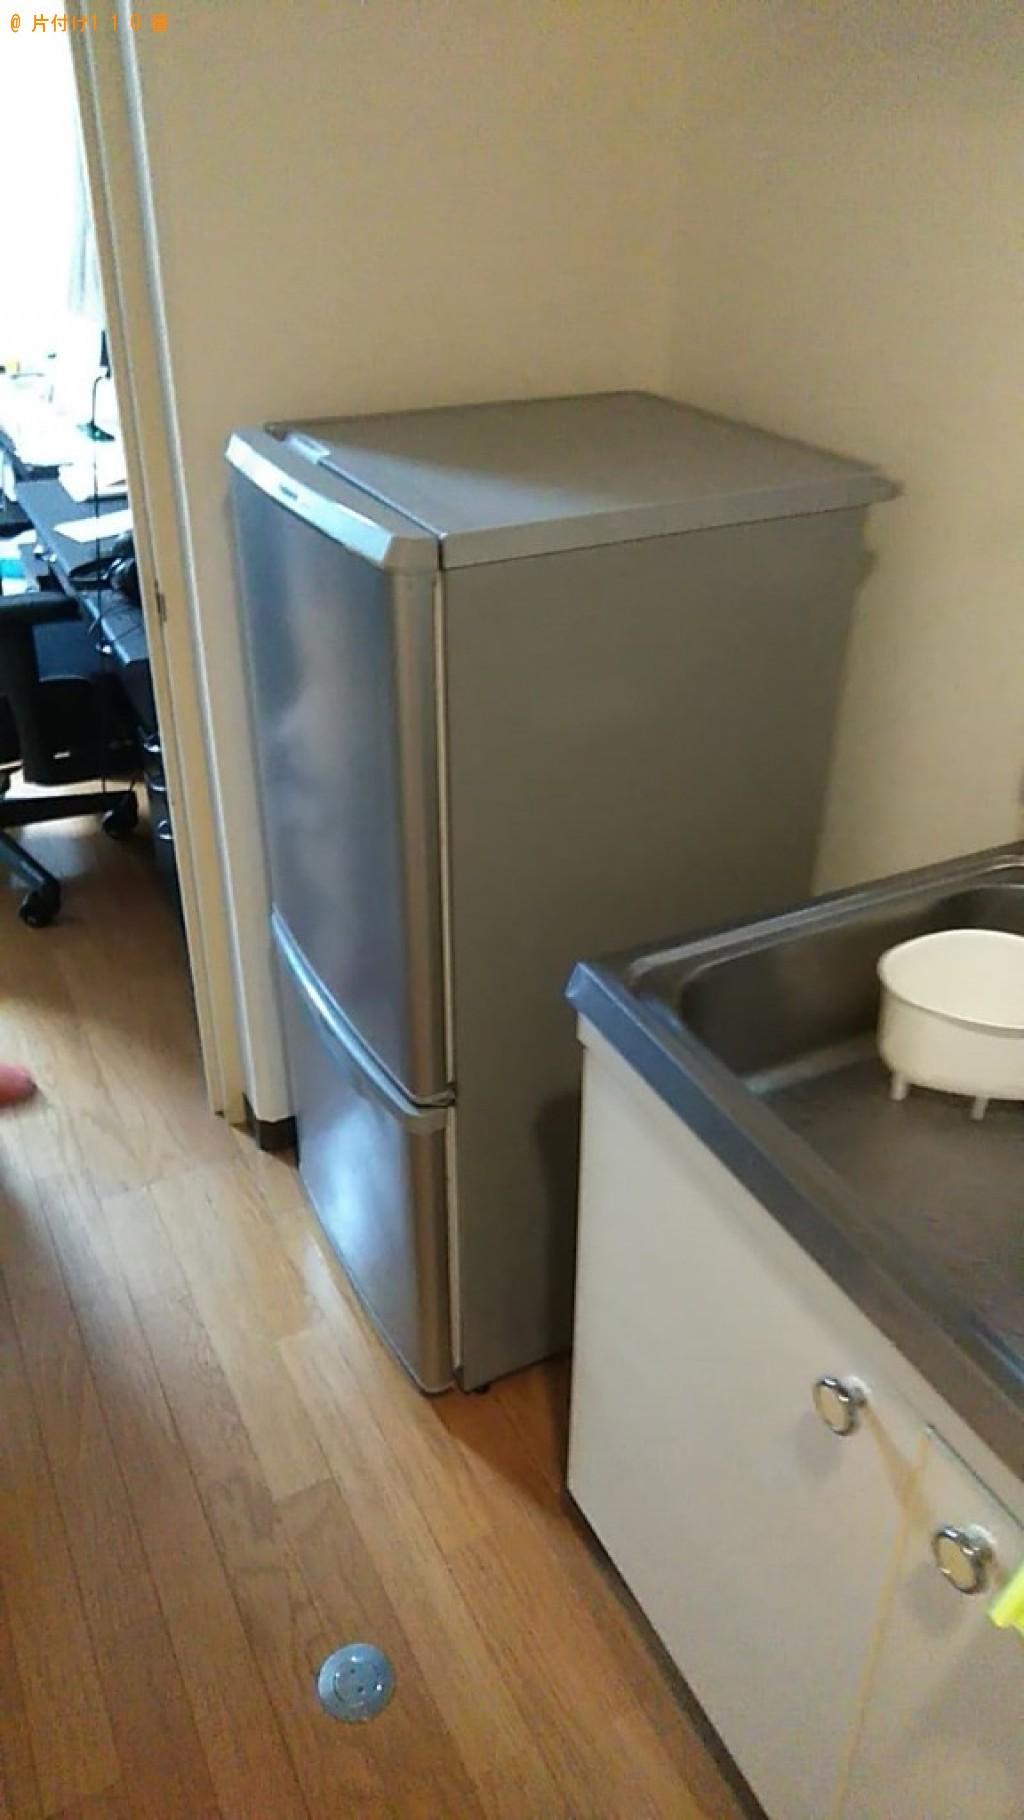 【松山市鷹子町】冷蔵庫の回収・処分ご依頼 お客様の声